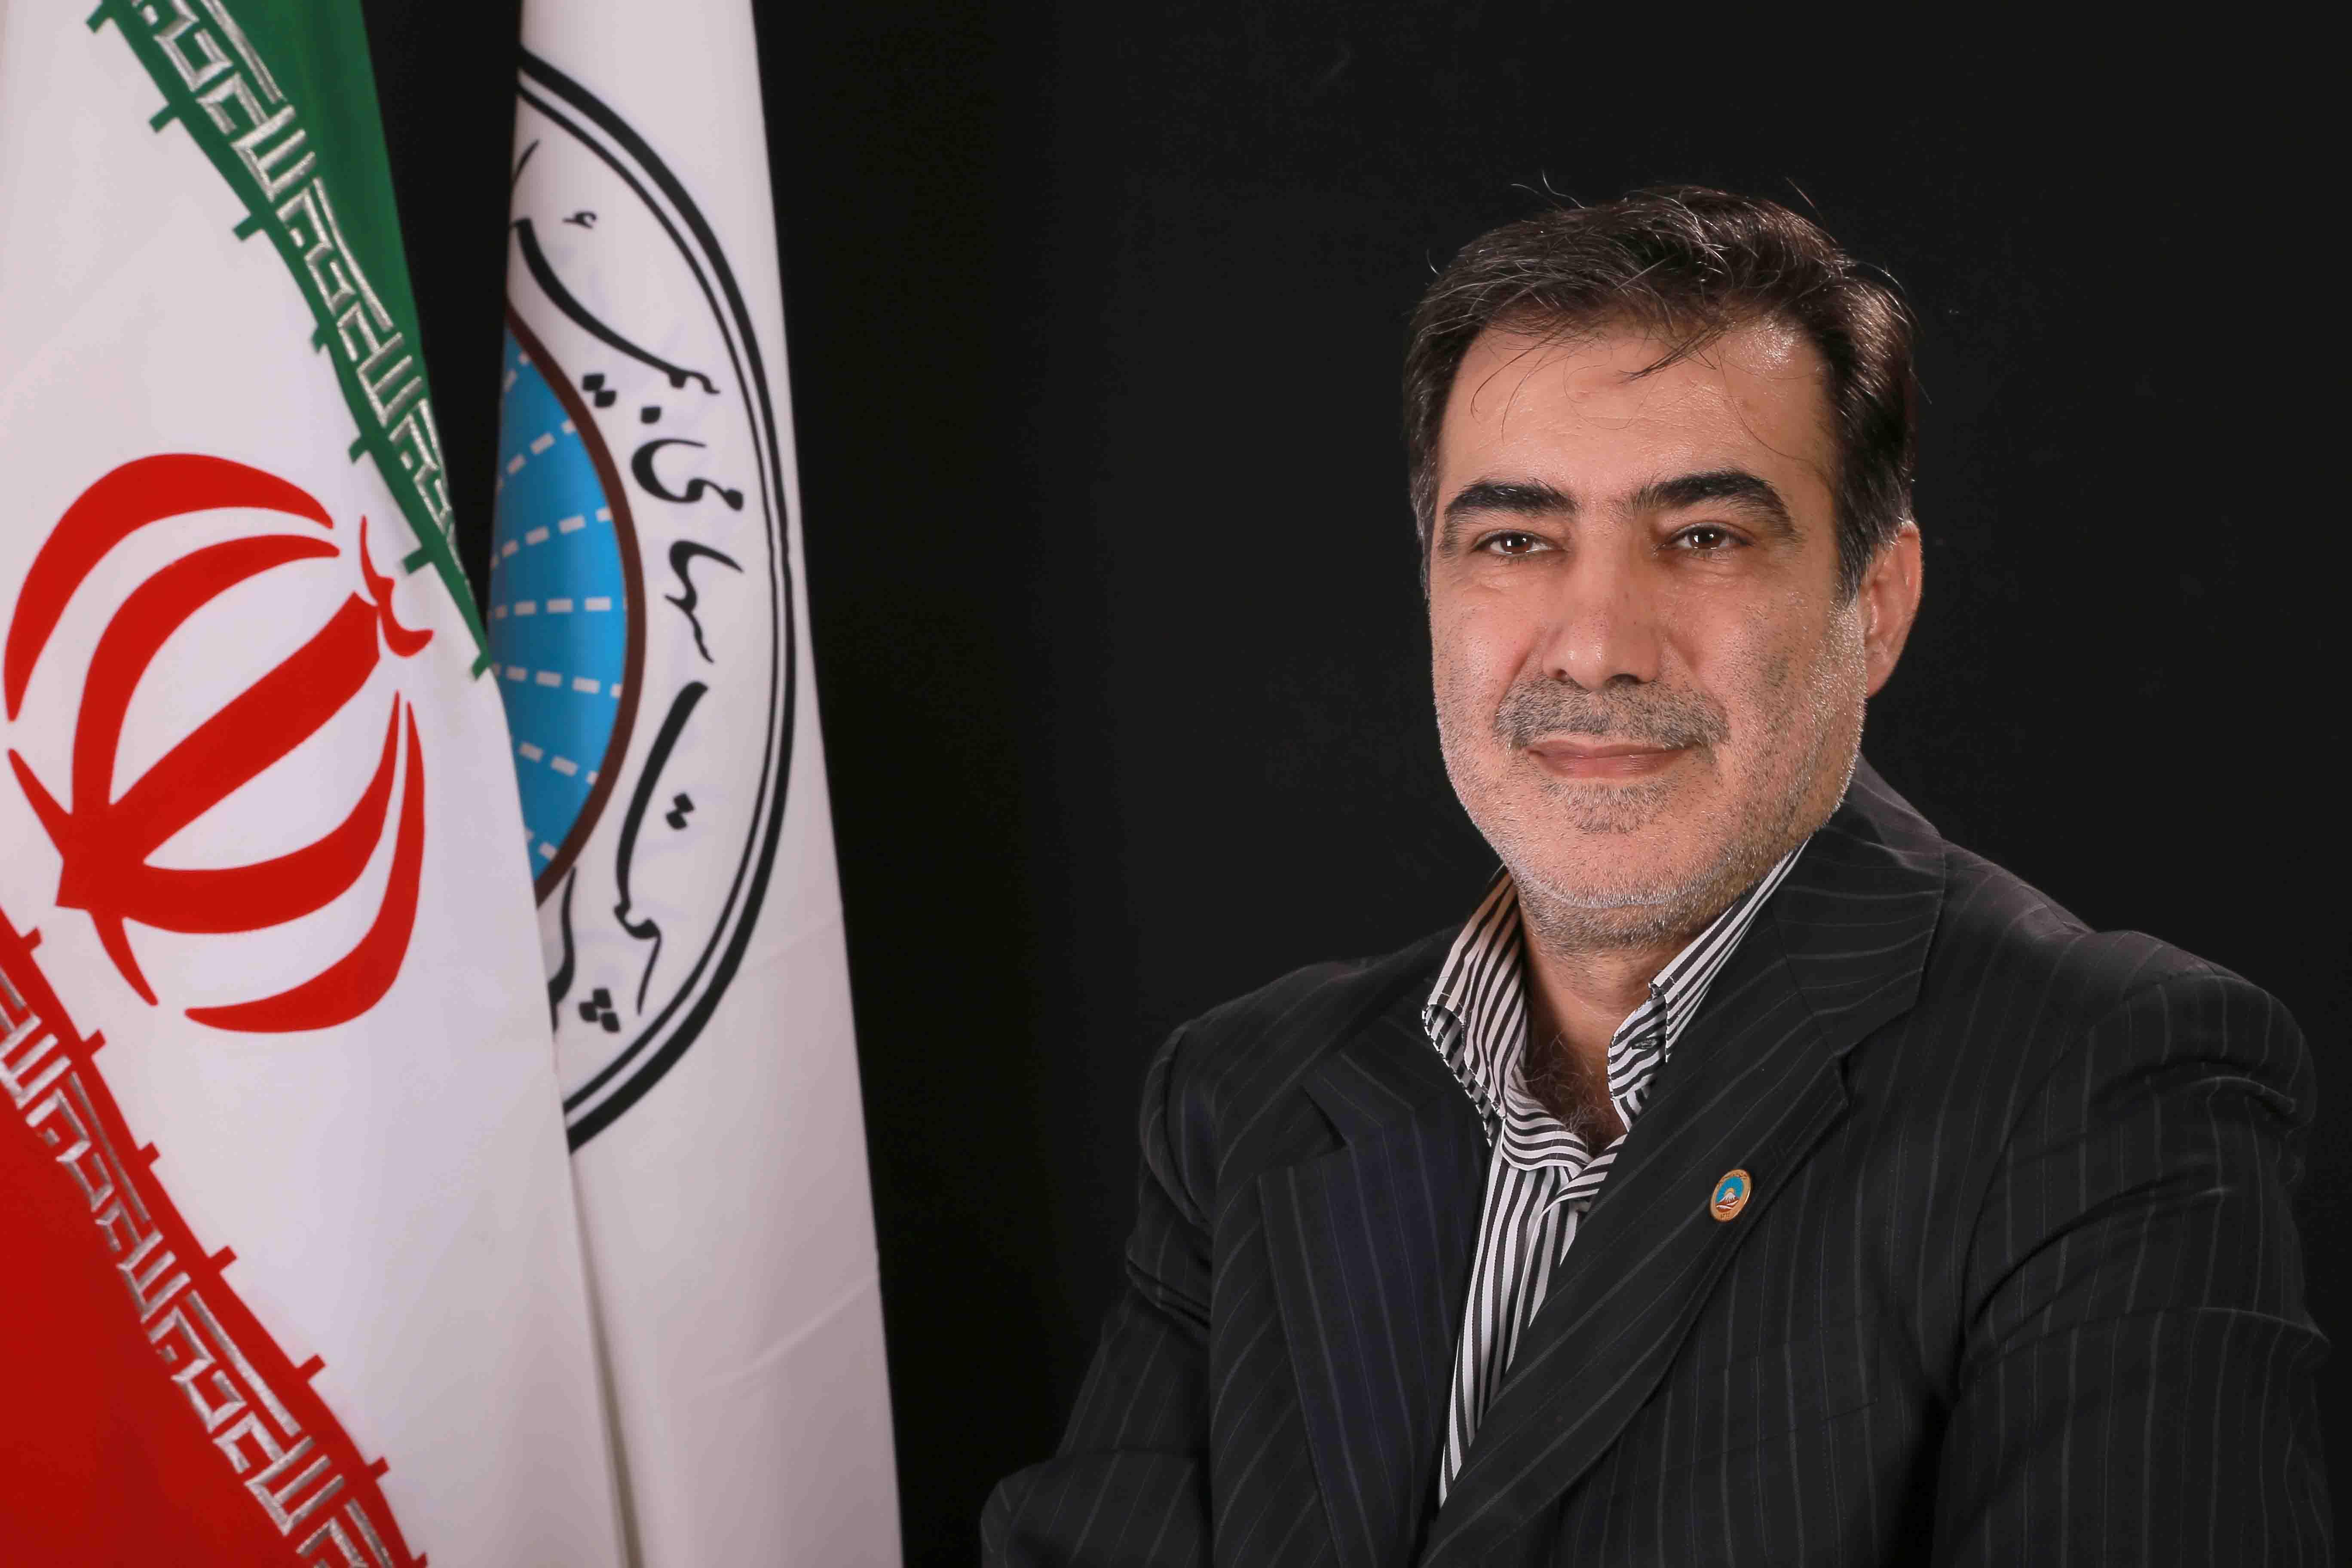 محمد رضایی عضو هیات مدیره بیمه ایران شد